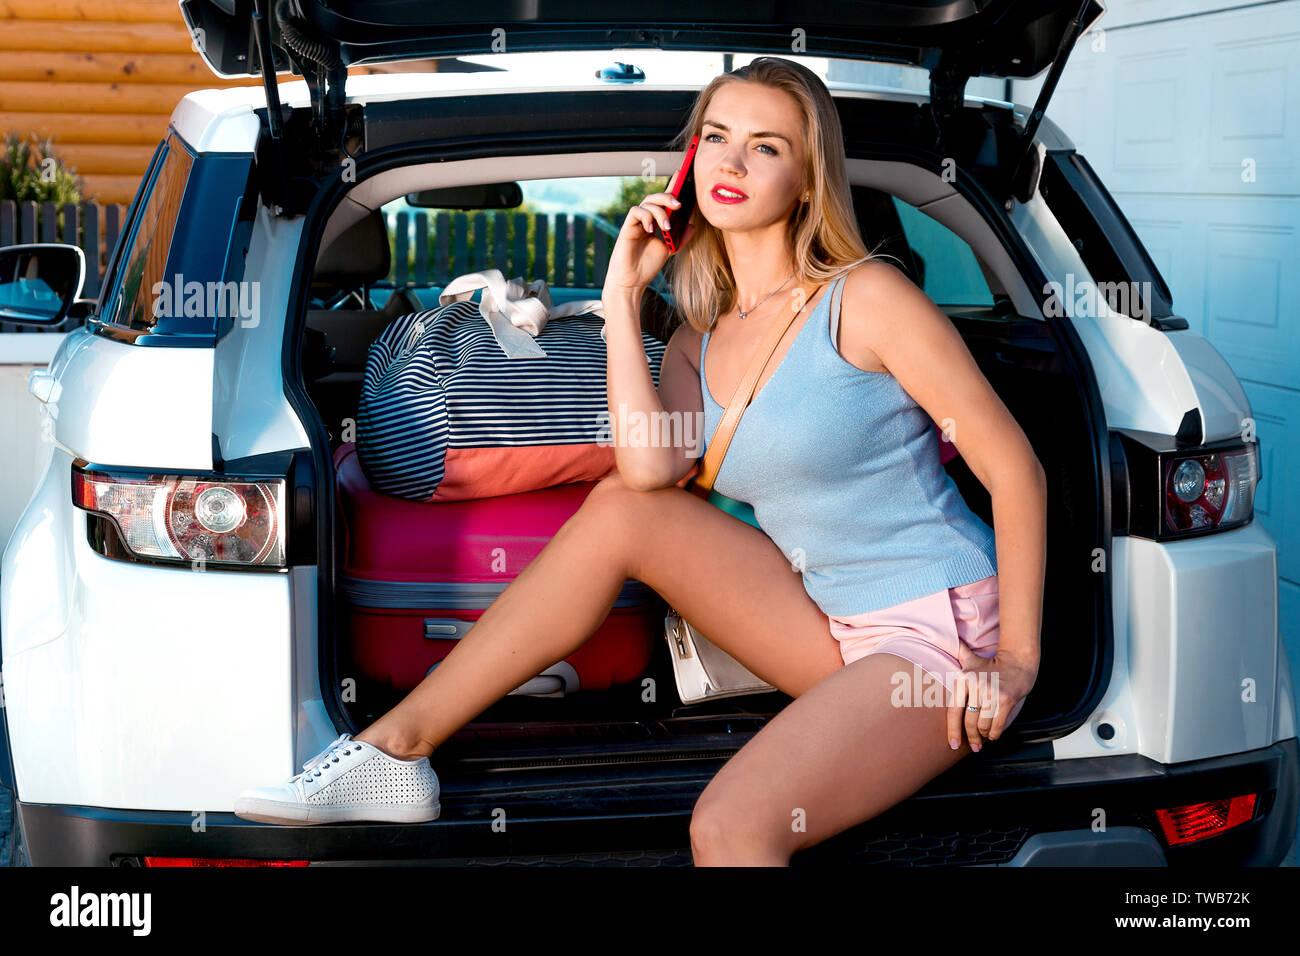 Giovane donna seduta nel retro della vettura con molte borse e valigie. Ragazza ridere seduto in aprire il bagagliaio di un auto e utilizza un telefono e una compressa di selezione Immagini Stock